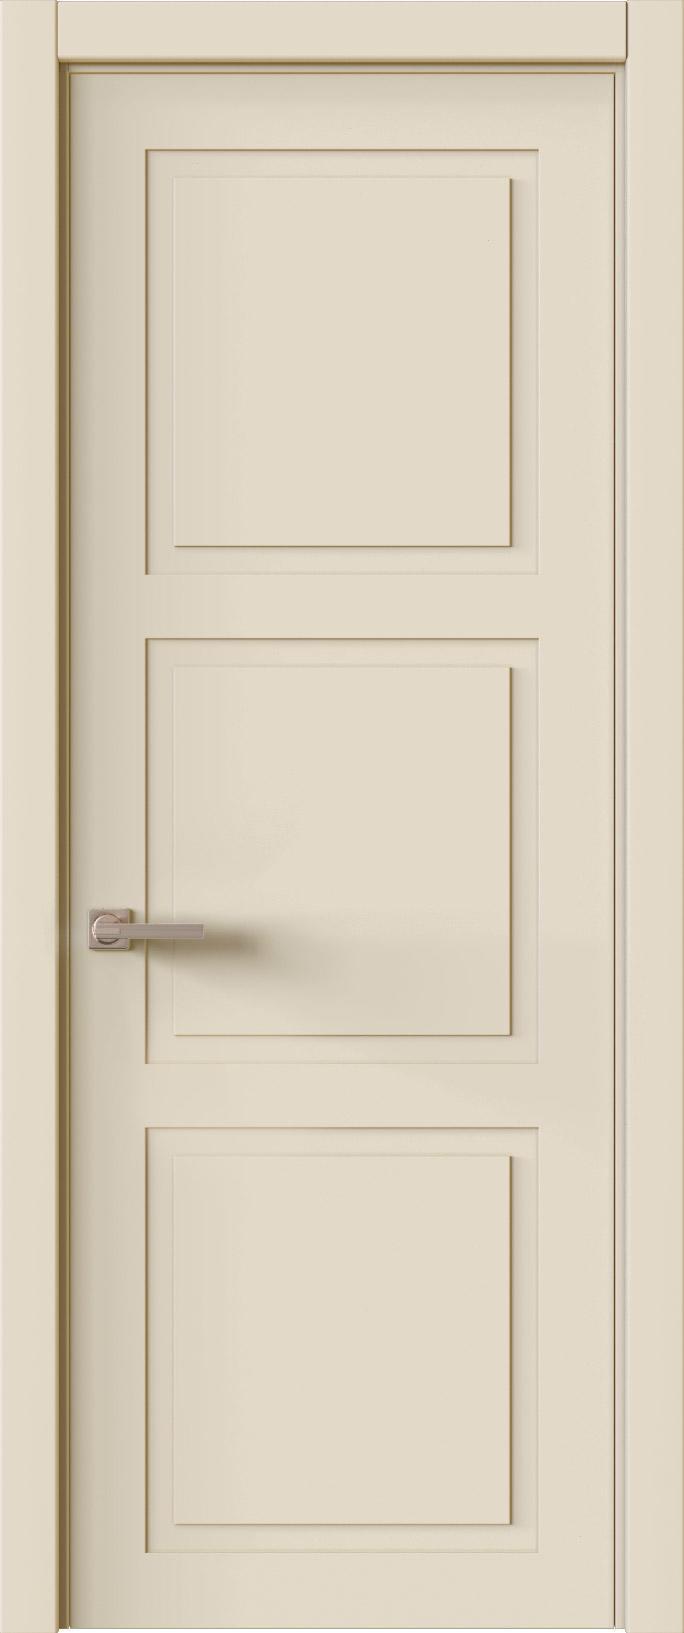 Tivoli Л-5 цвет - Жемчужная эмаль (RAL 1013) Без стекла (ДГ)